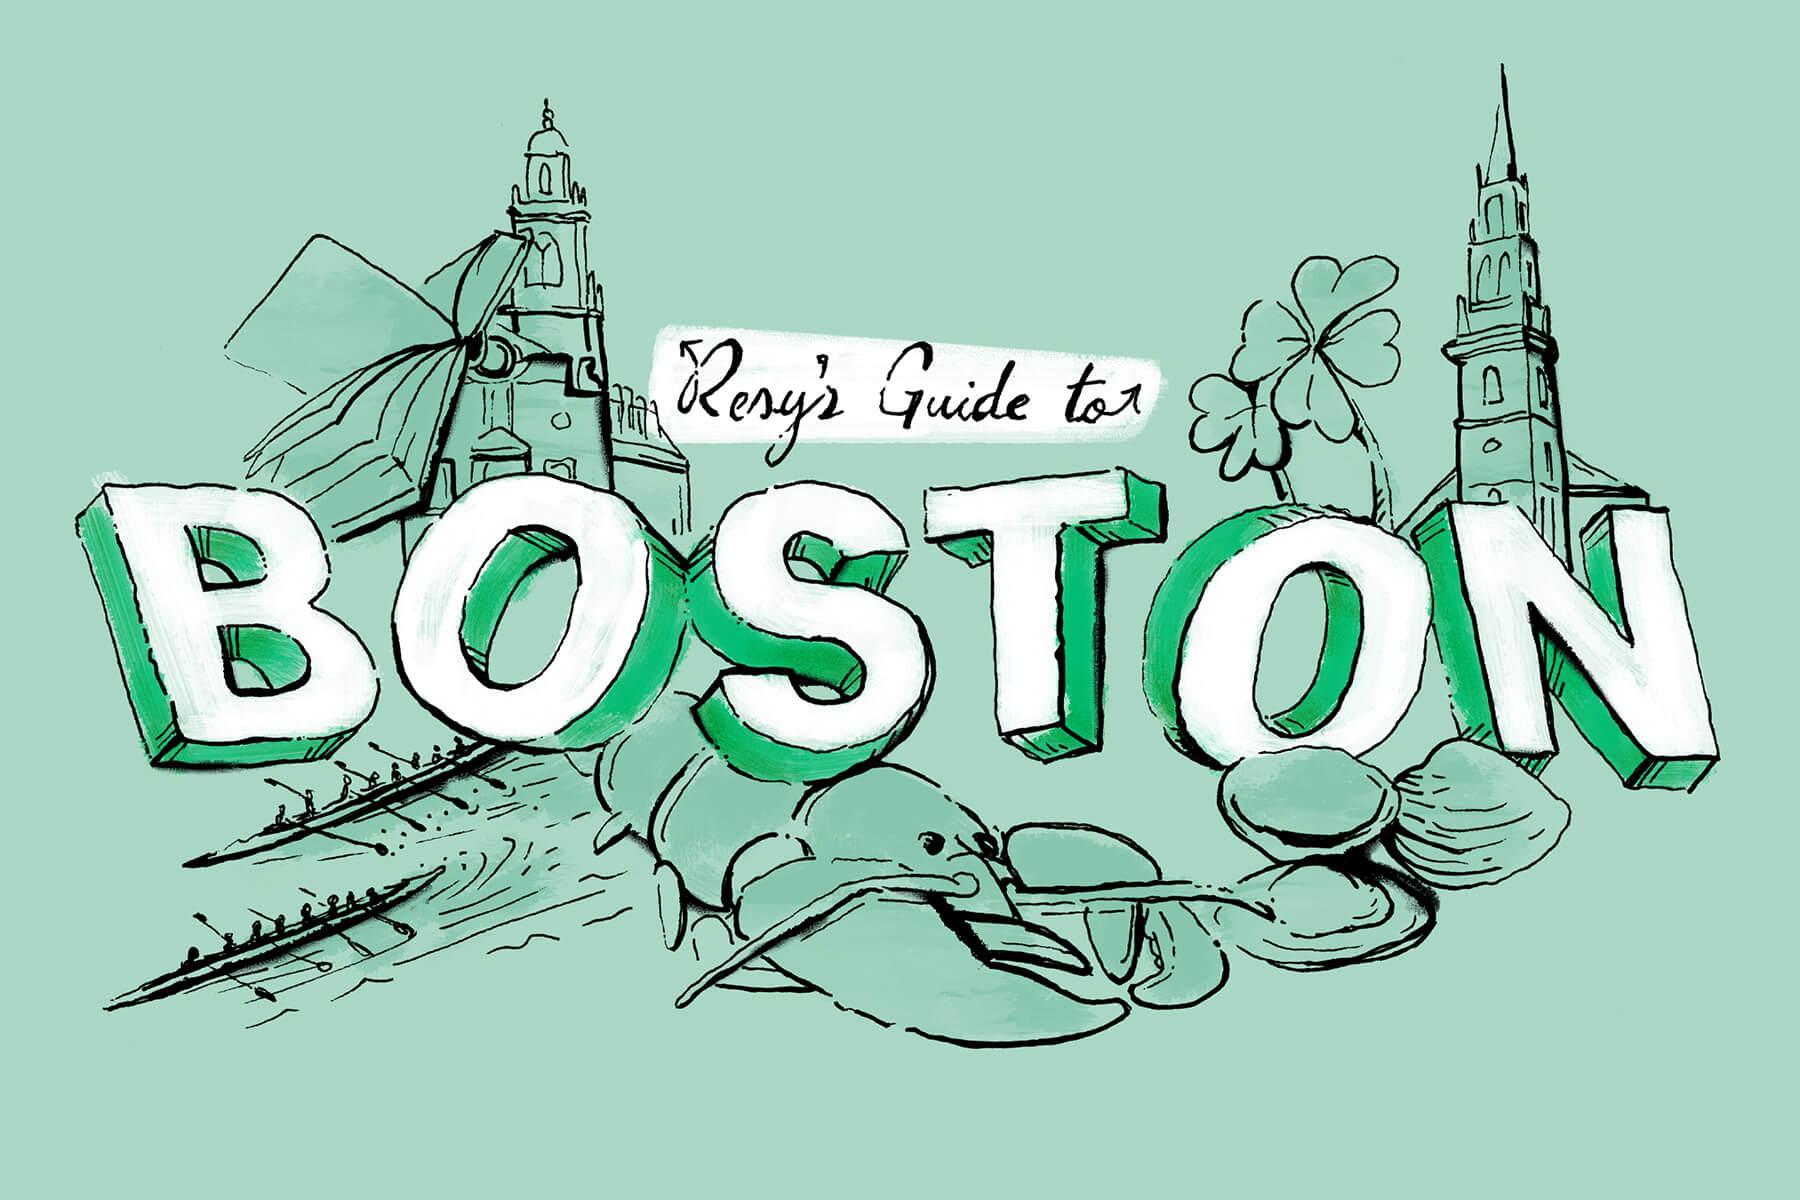 resy-guide-boston-illustration.jpg